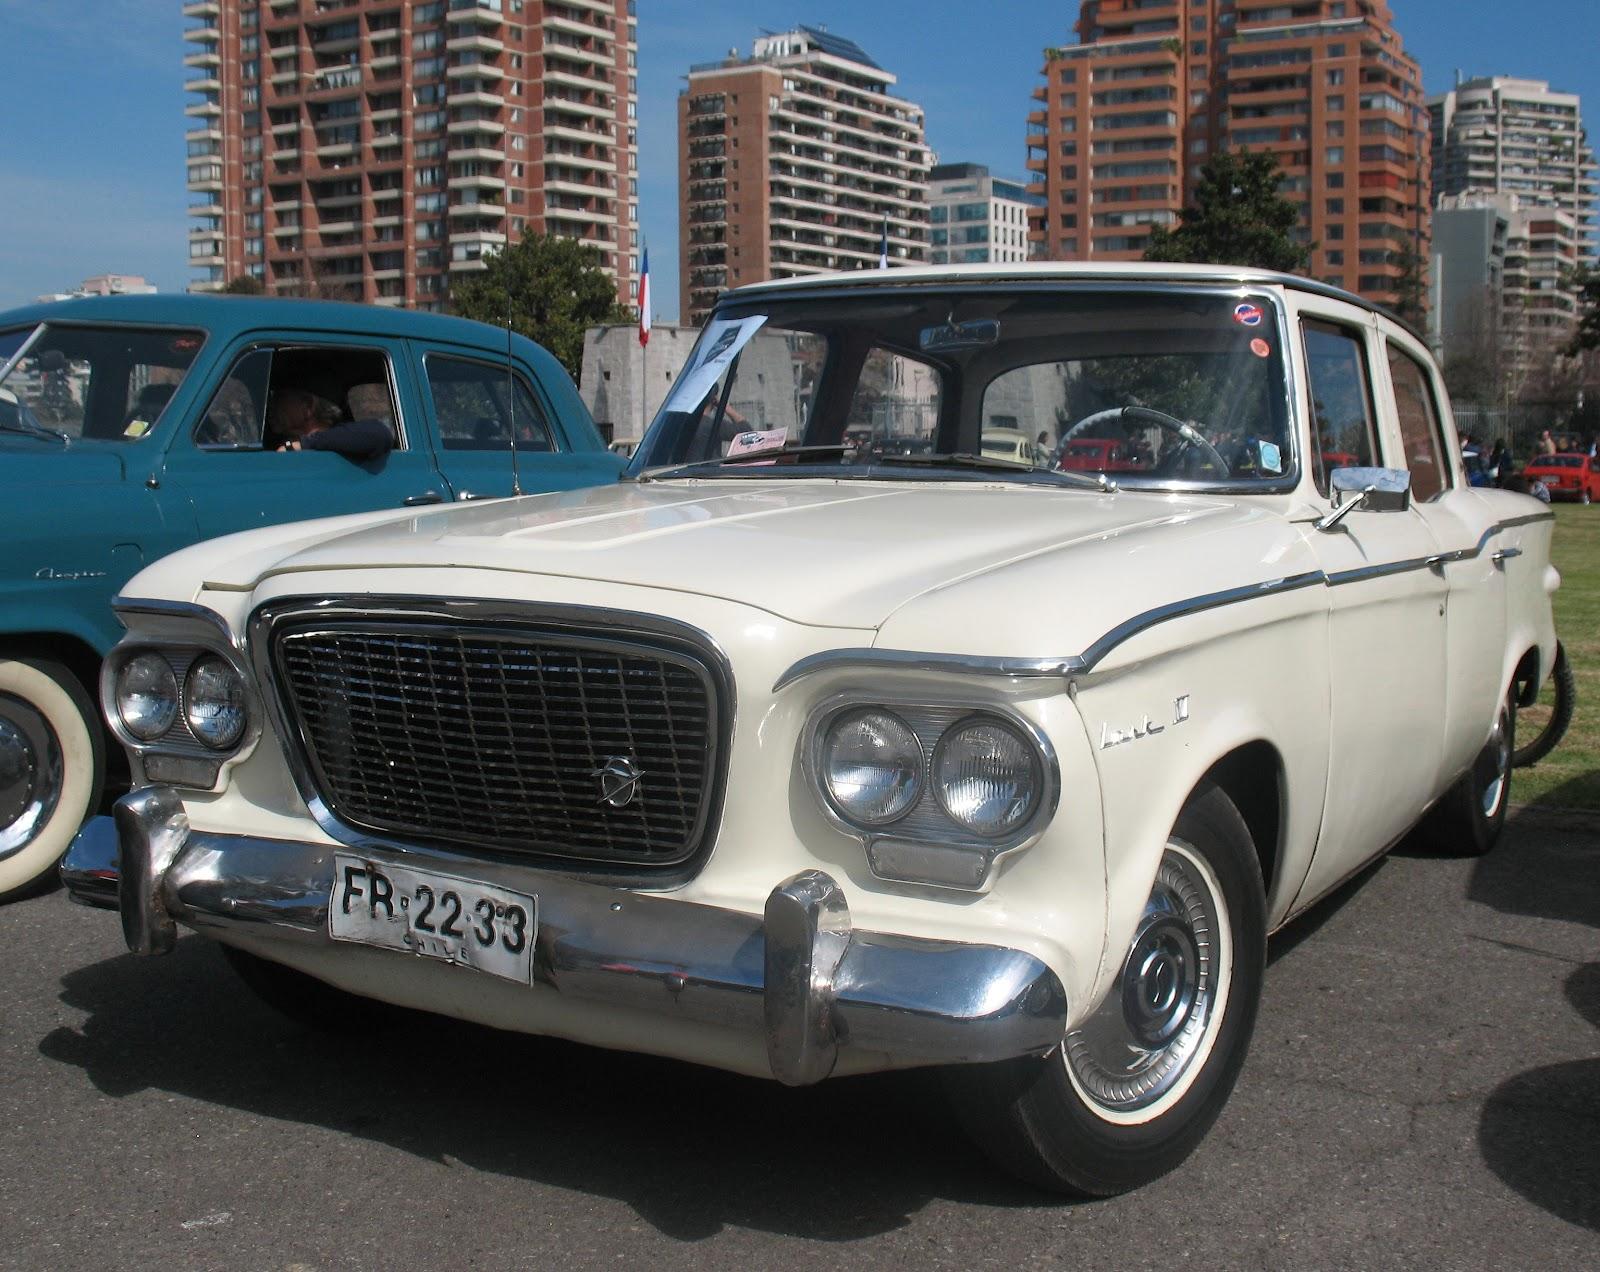 Historia del Automóvil y su Evolución-Autos Chilenos